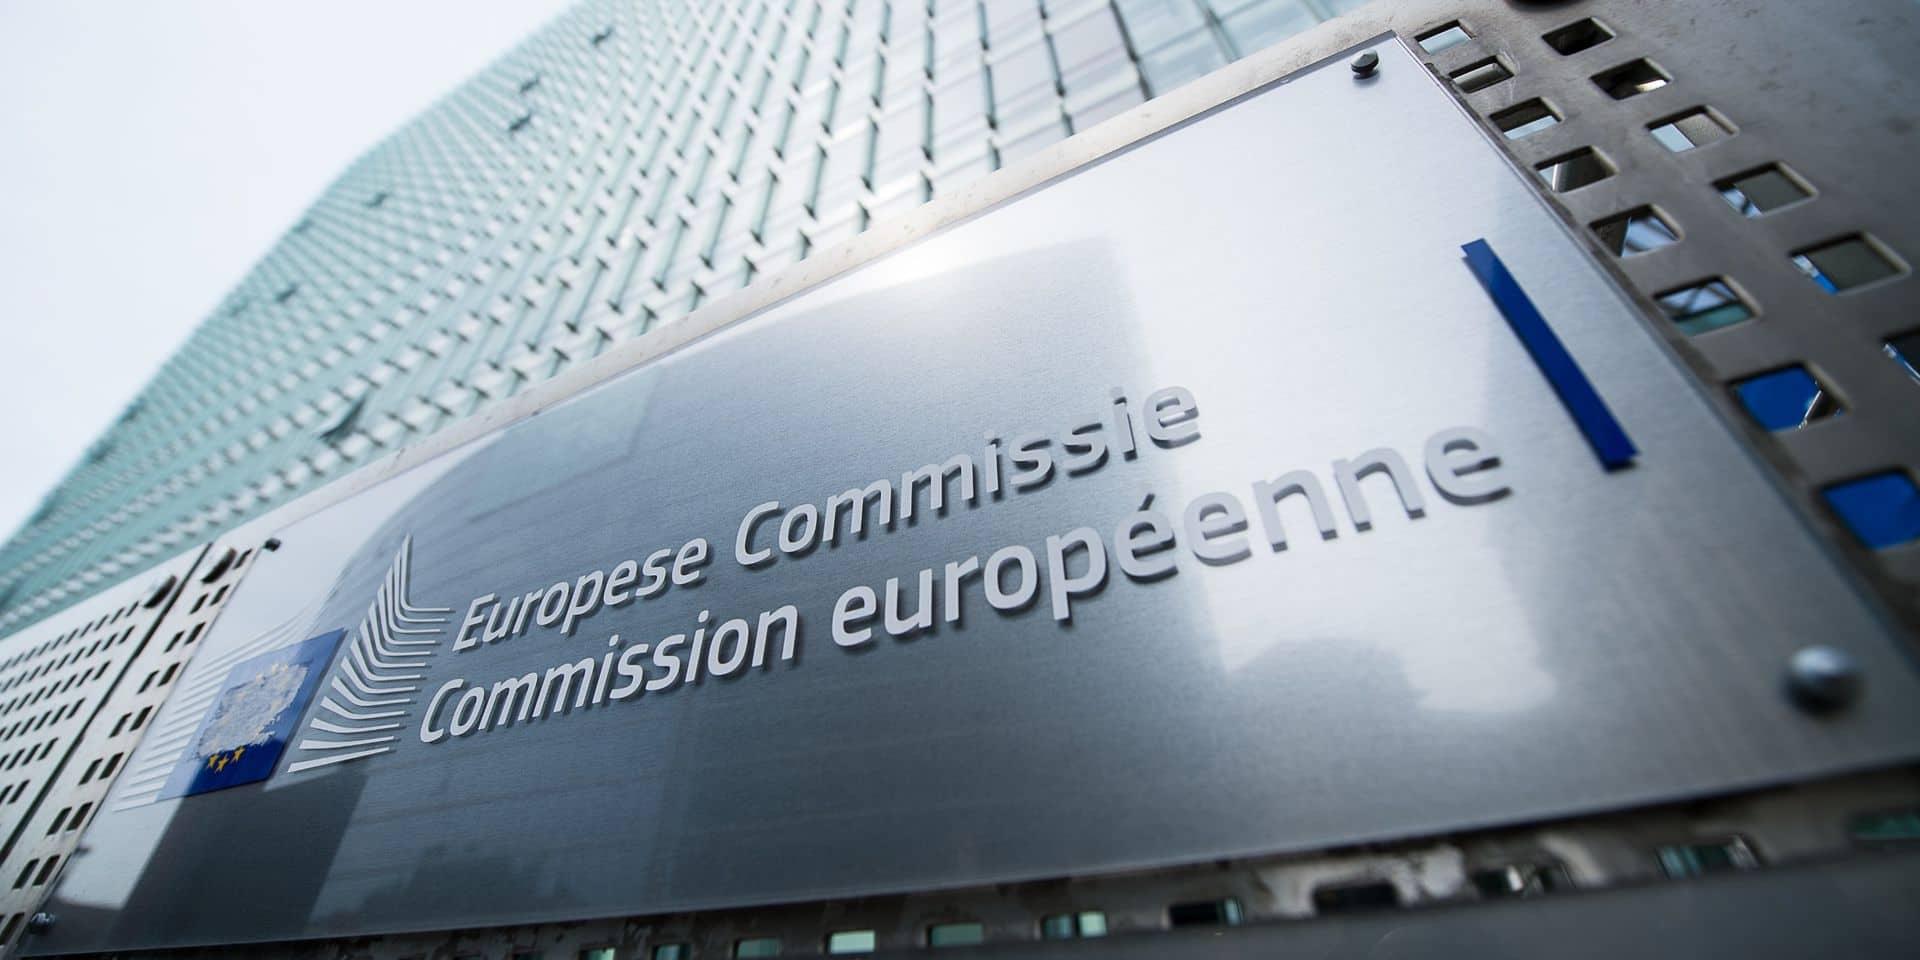 La course au poste de prochain commissaire européen belge est lancée, qui sont les candidats au poste ?